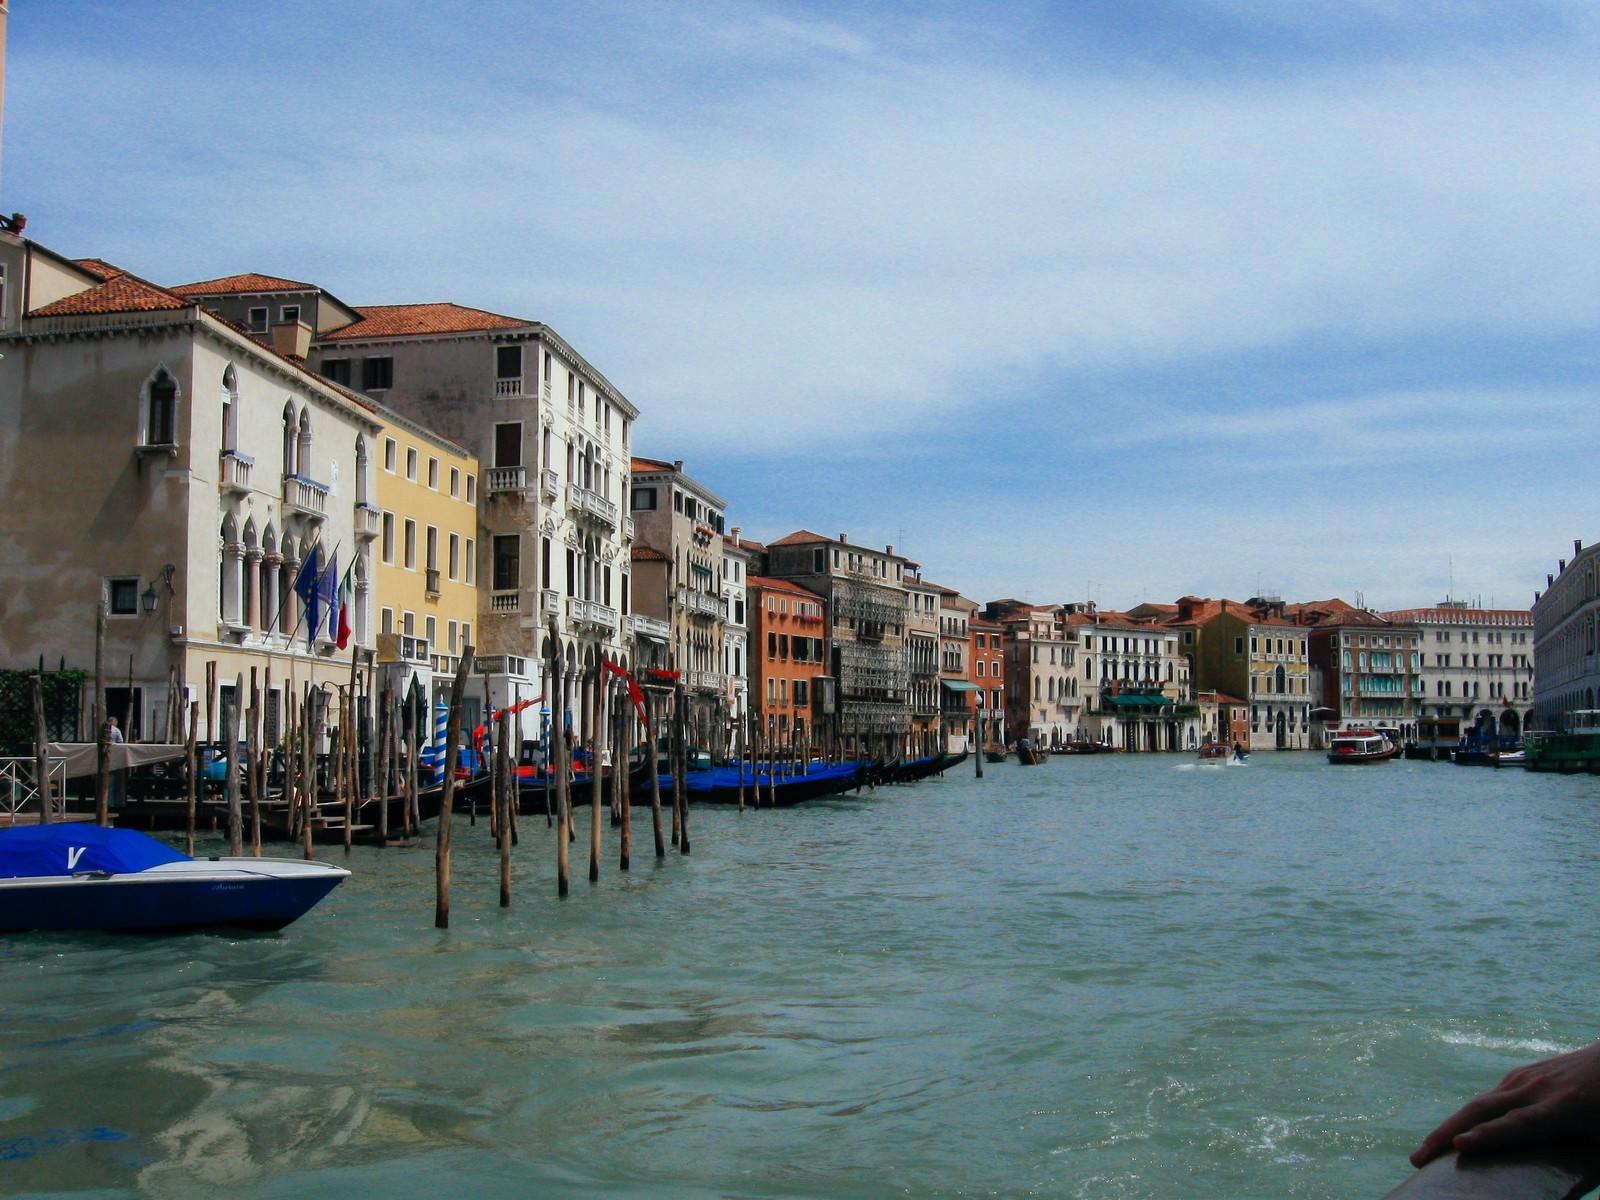 「ヴェネツィアの水路にある船着場と街並み(イタリア)」の写真